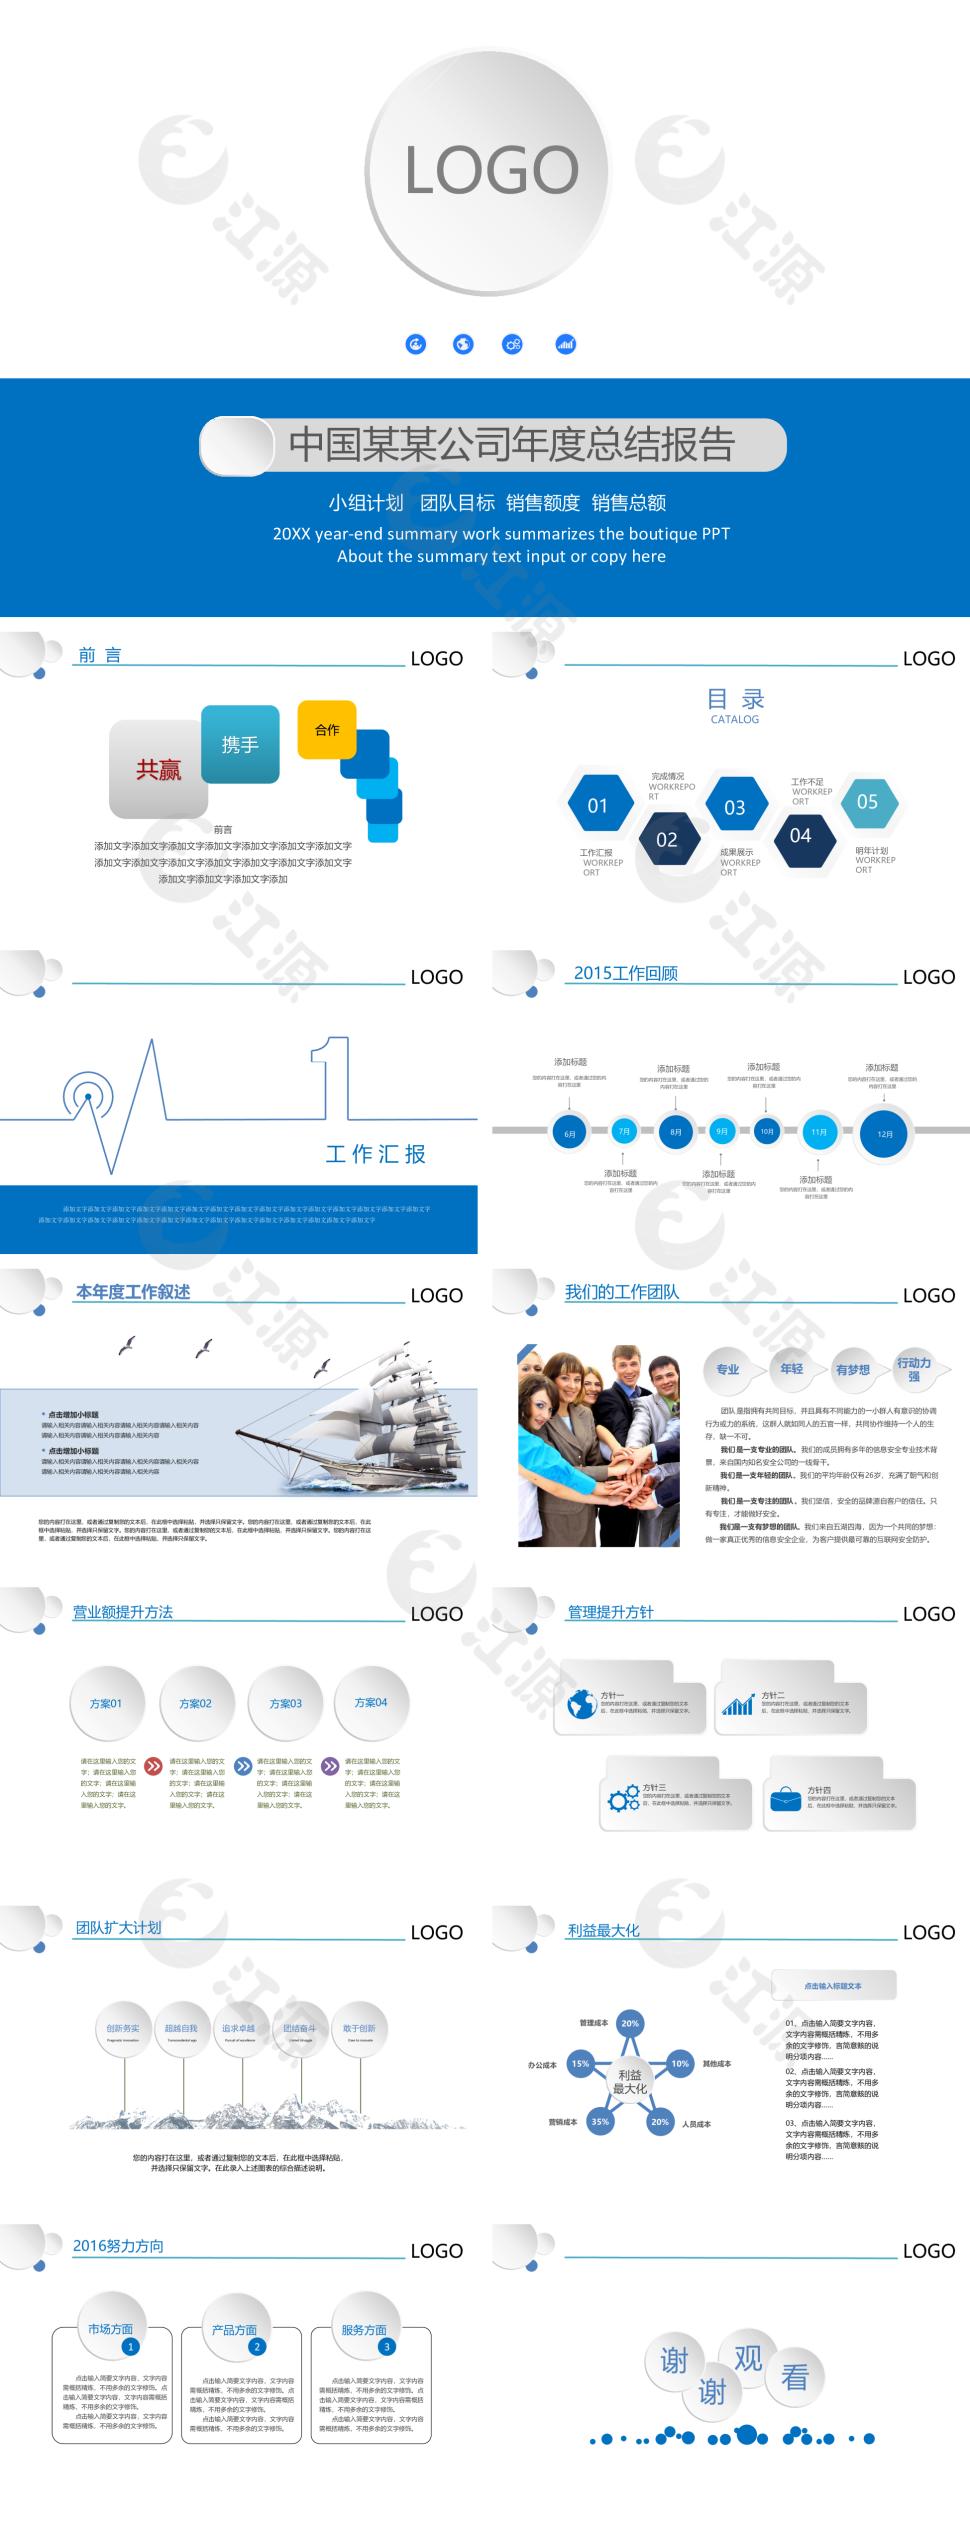 蓝色简约风年度总结报告PPT模板